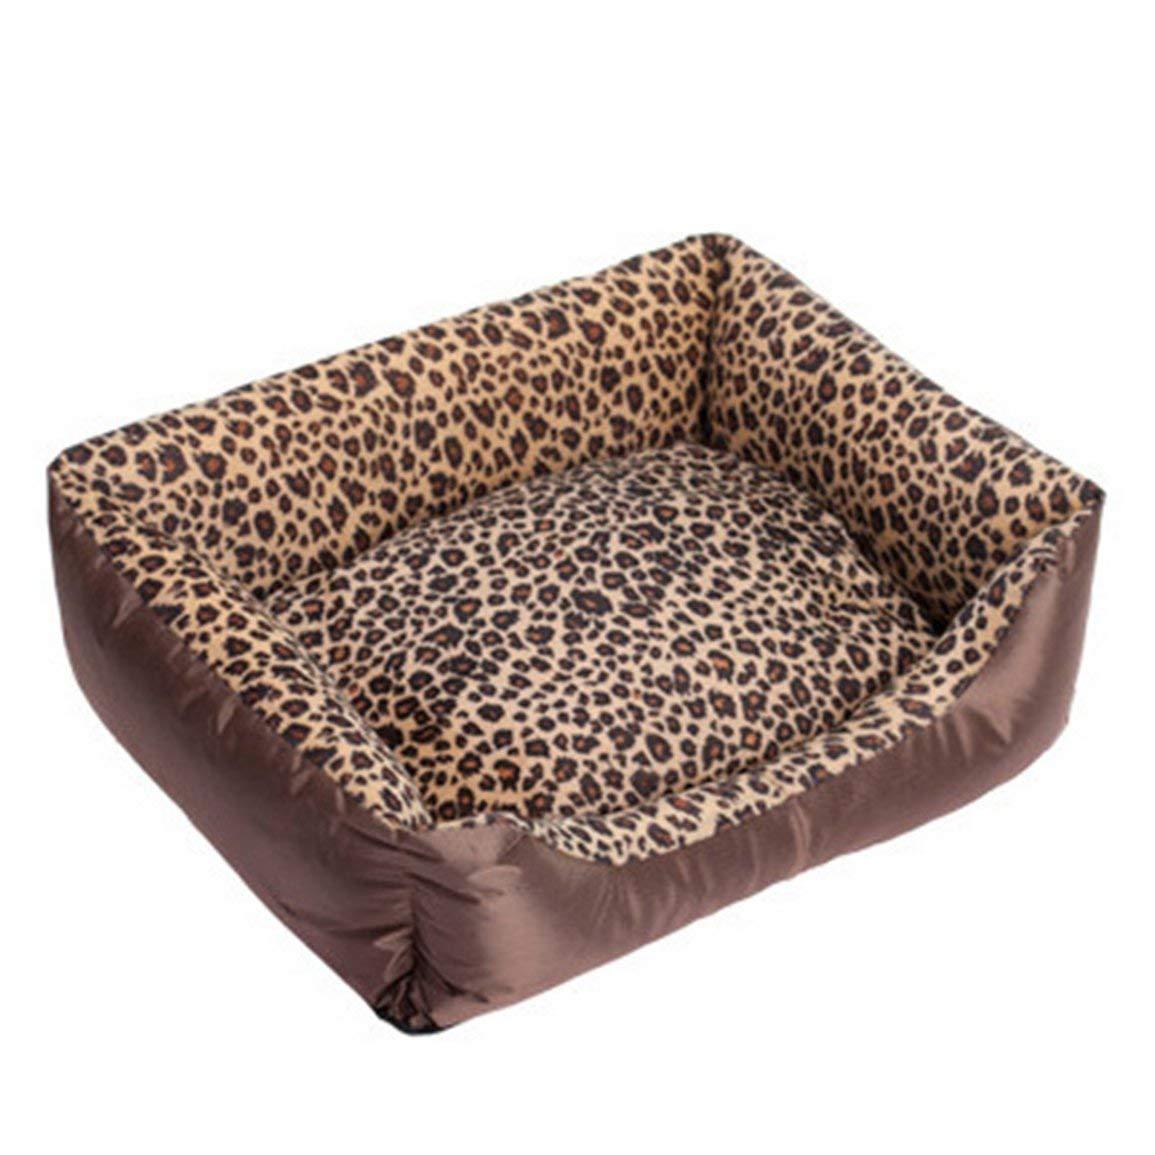 Fantasyworld Puppy Animali Domestici Cane Gatti Letto Caldo Eccellente Molle del Cane del Nido della stuoia Canile Pet Products Animal